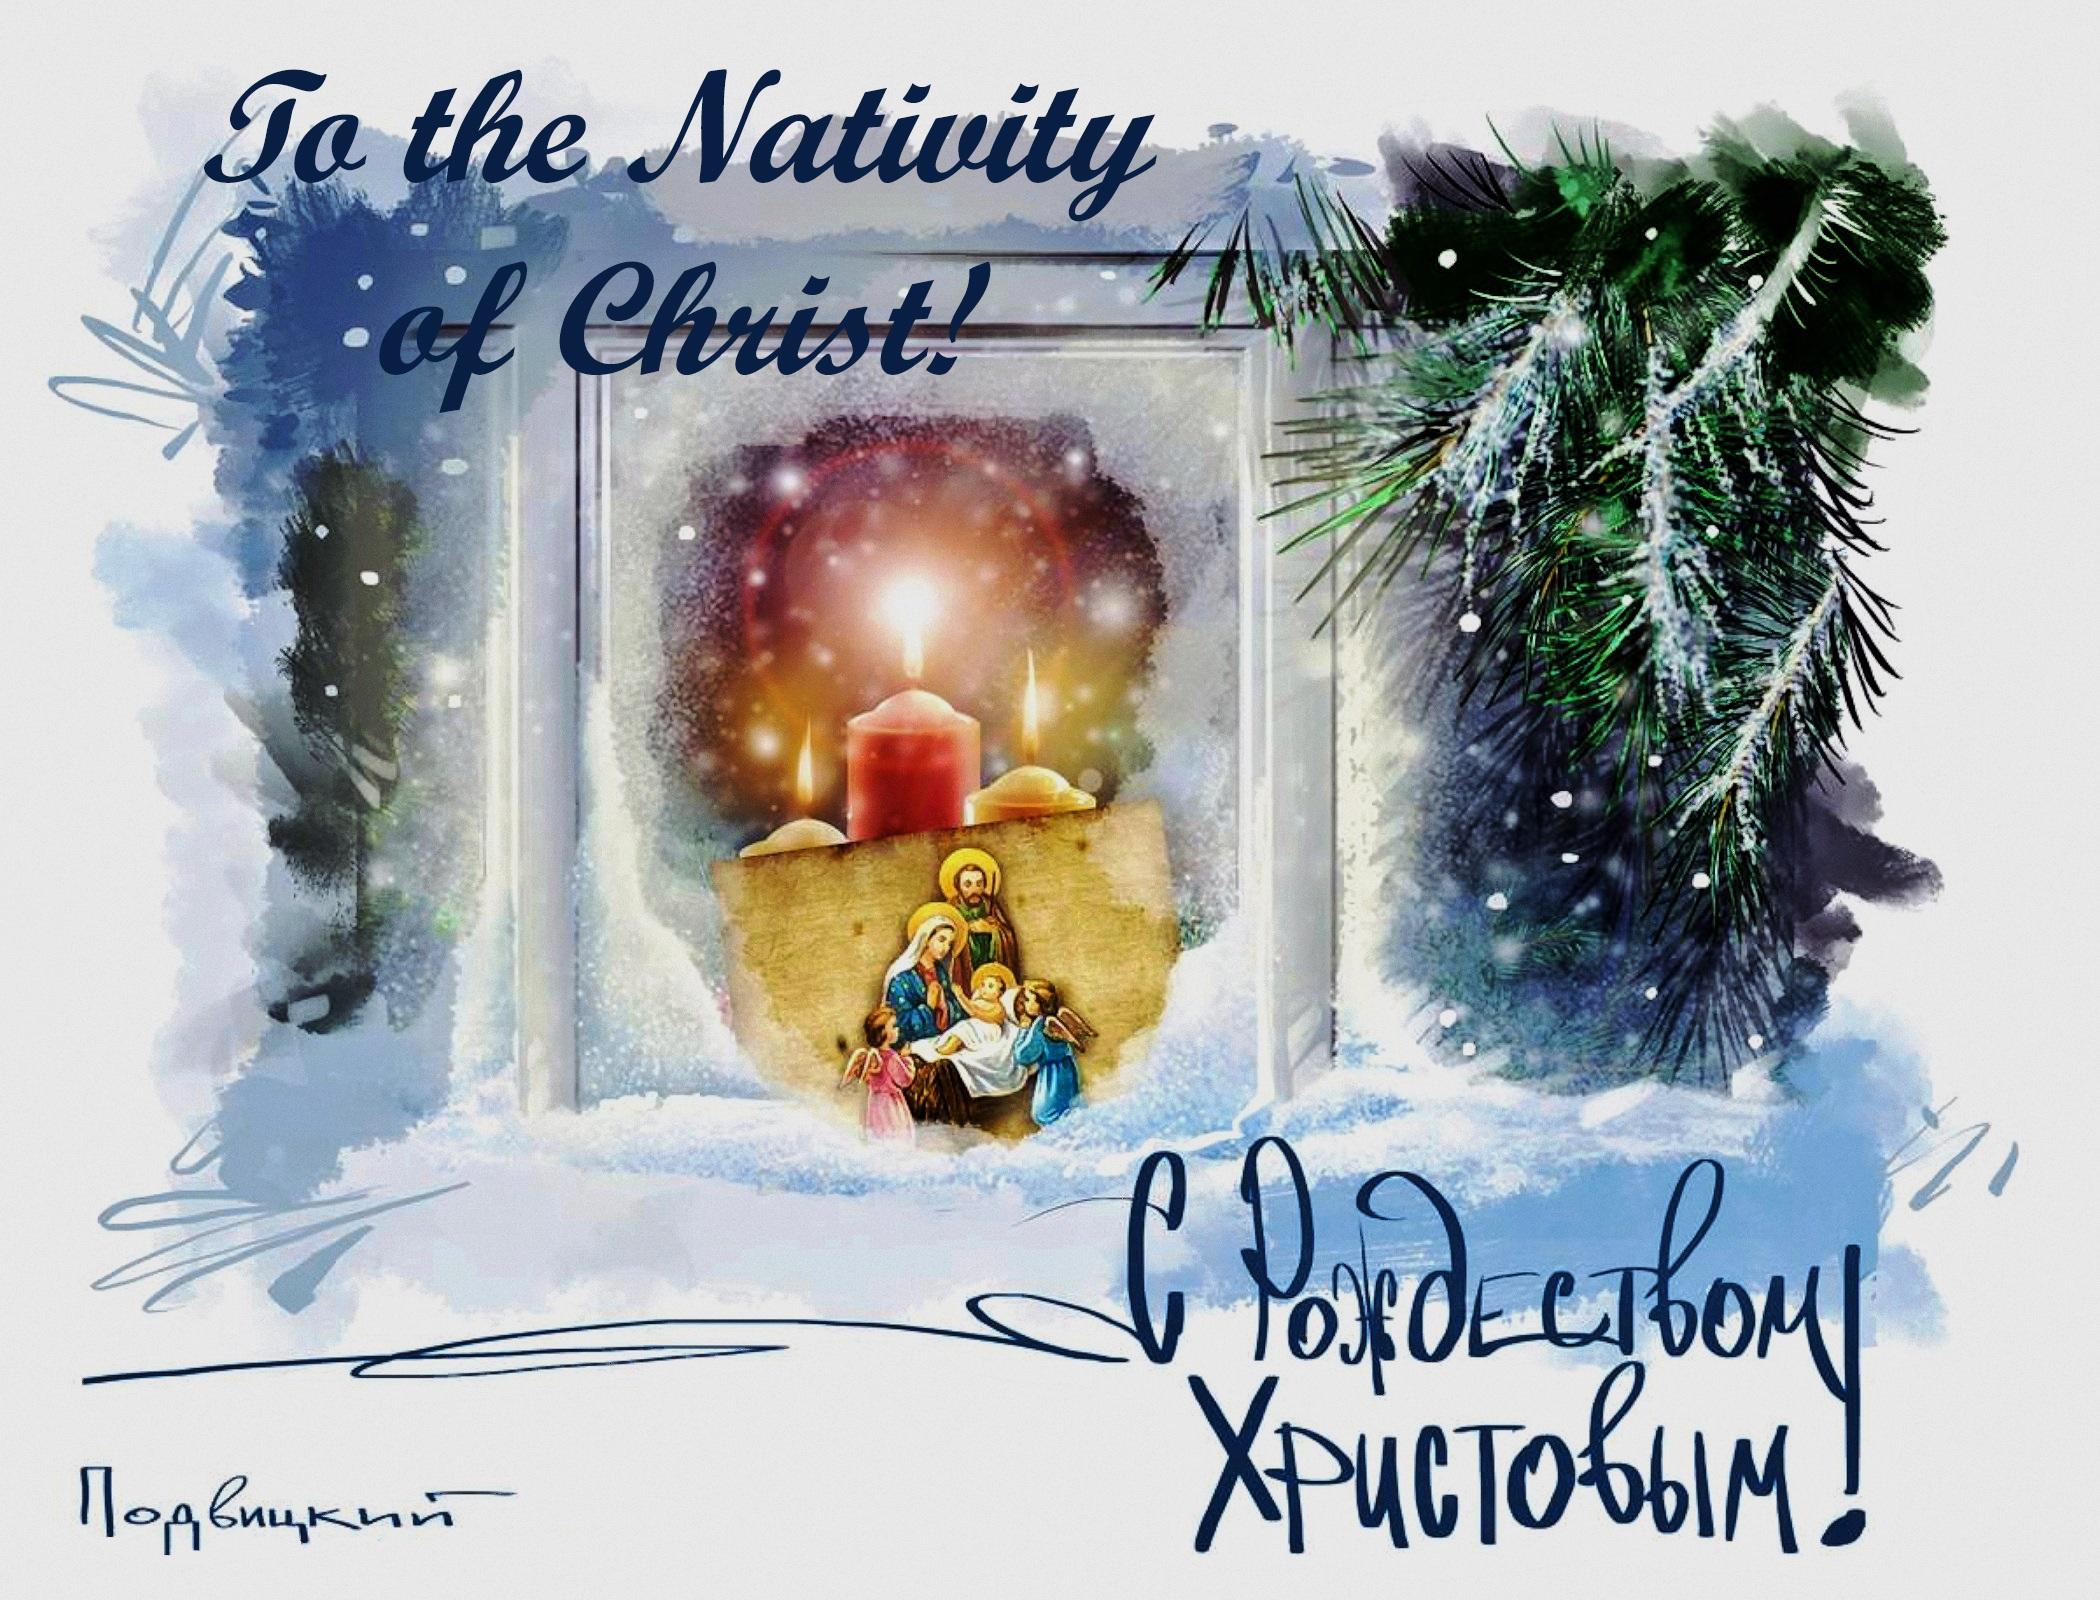 00-vitaly-podvitsky-christ-is-born-for-us-2017